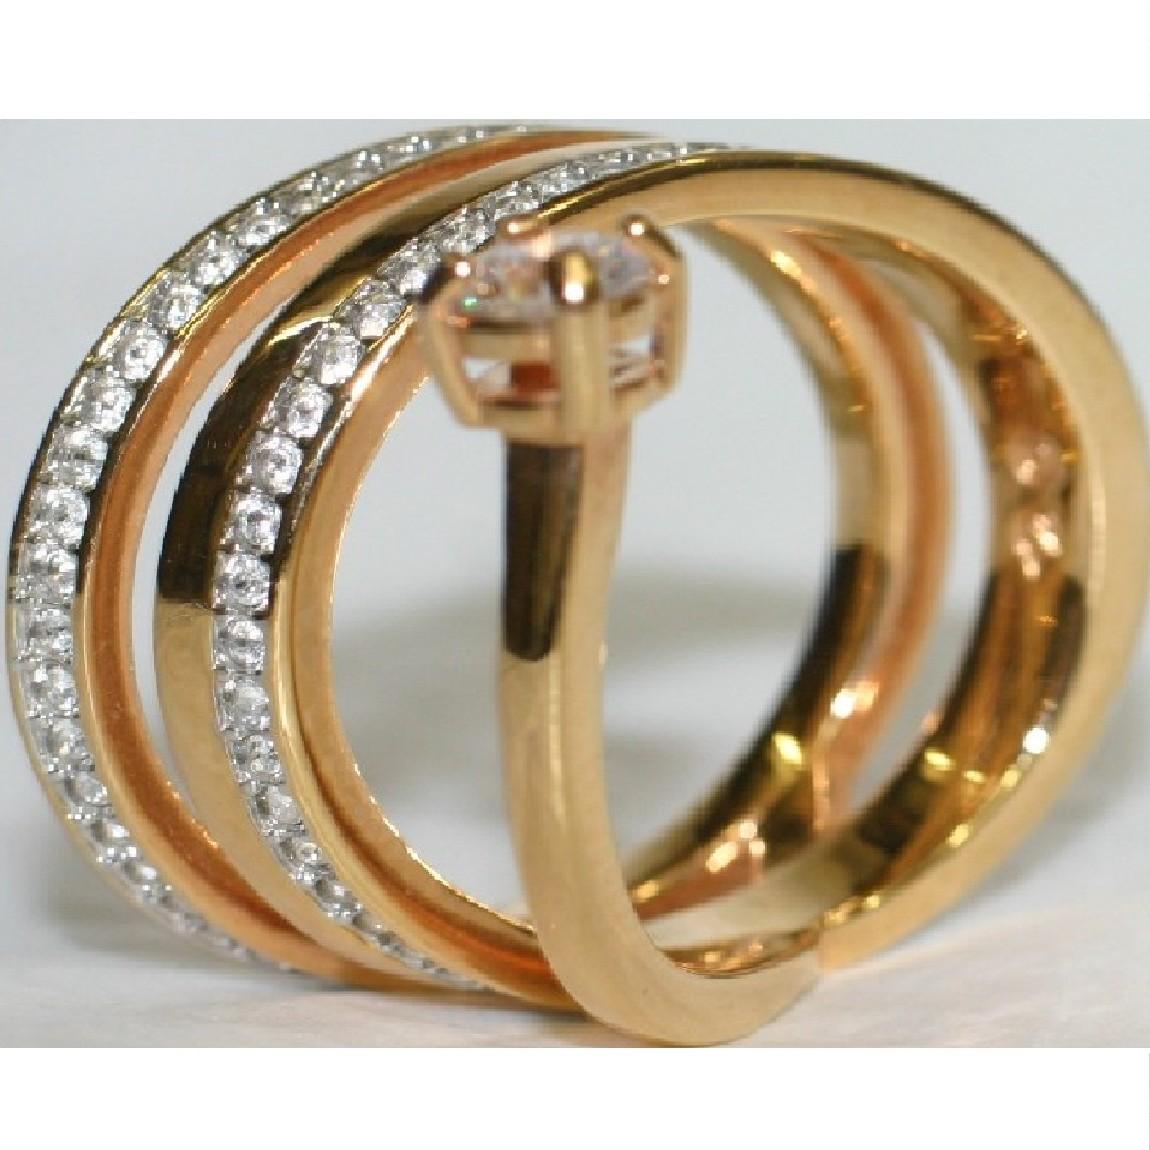 【中古】本物ほぼ新品スワロフスキー女性用蛇モチーフピンクゴールド色に沢山の綺麗なラインストーンが埋め込まれていてさらに大きいラインストーンのついた指輪サイズ表記は55で重さは5,1g日本サイズ14位プレゼントに最適